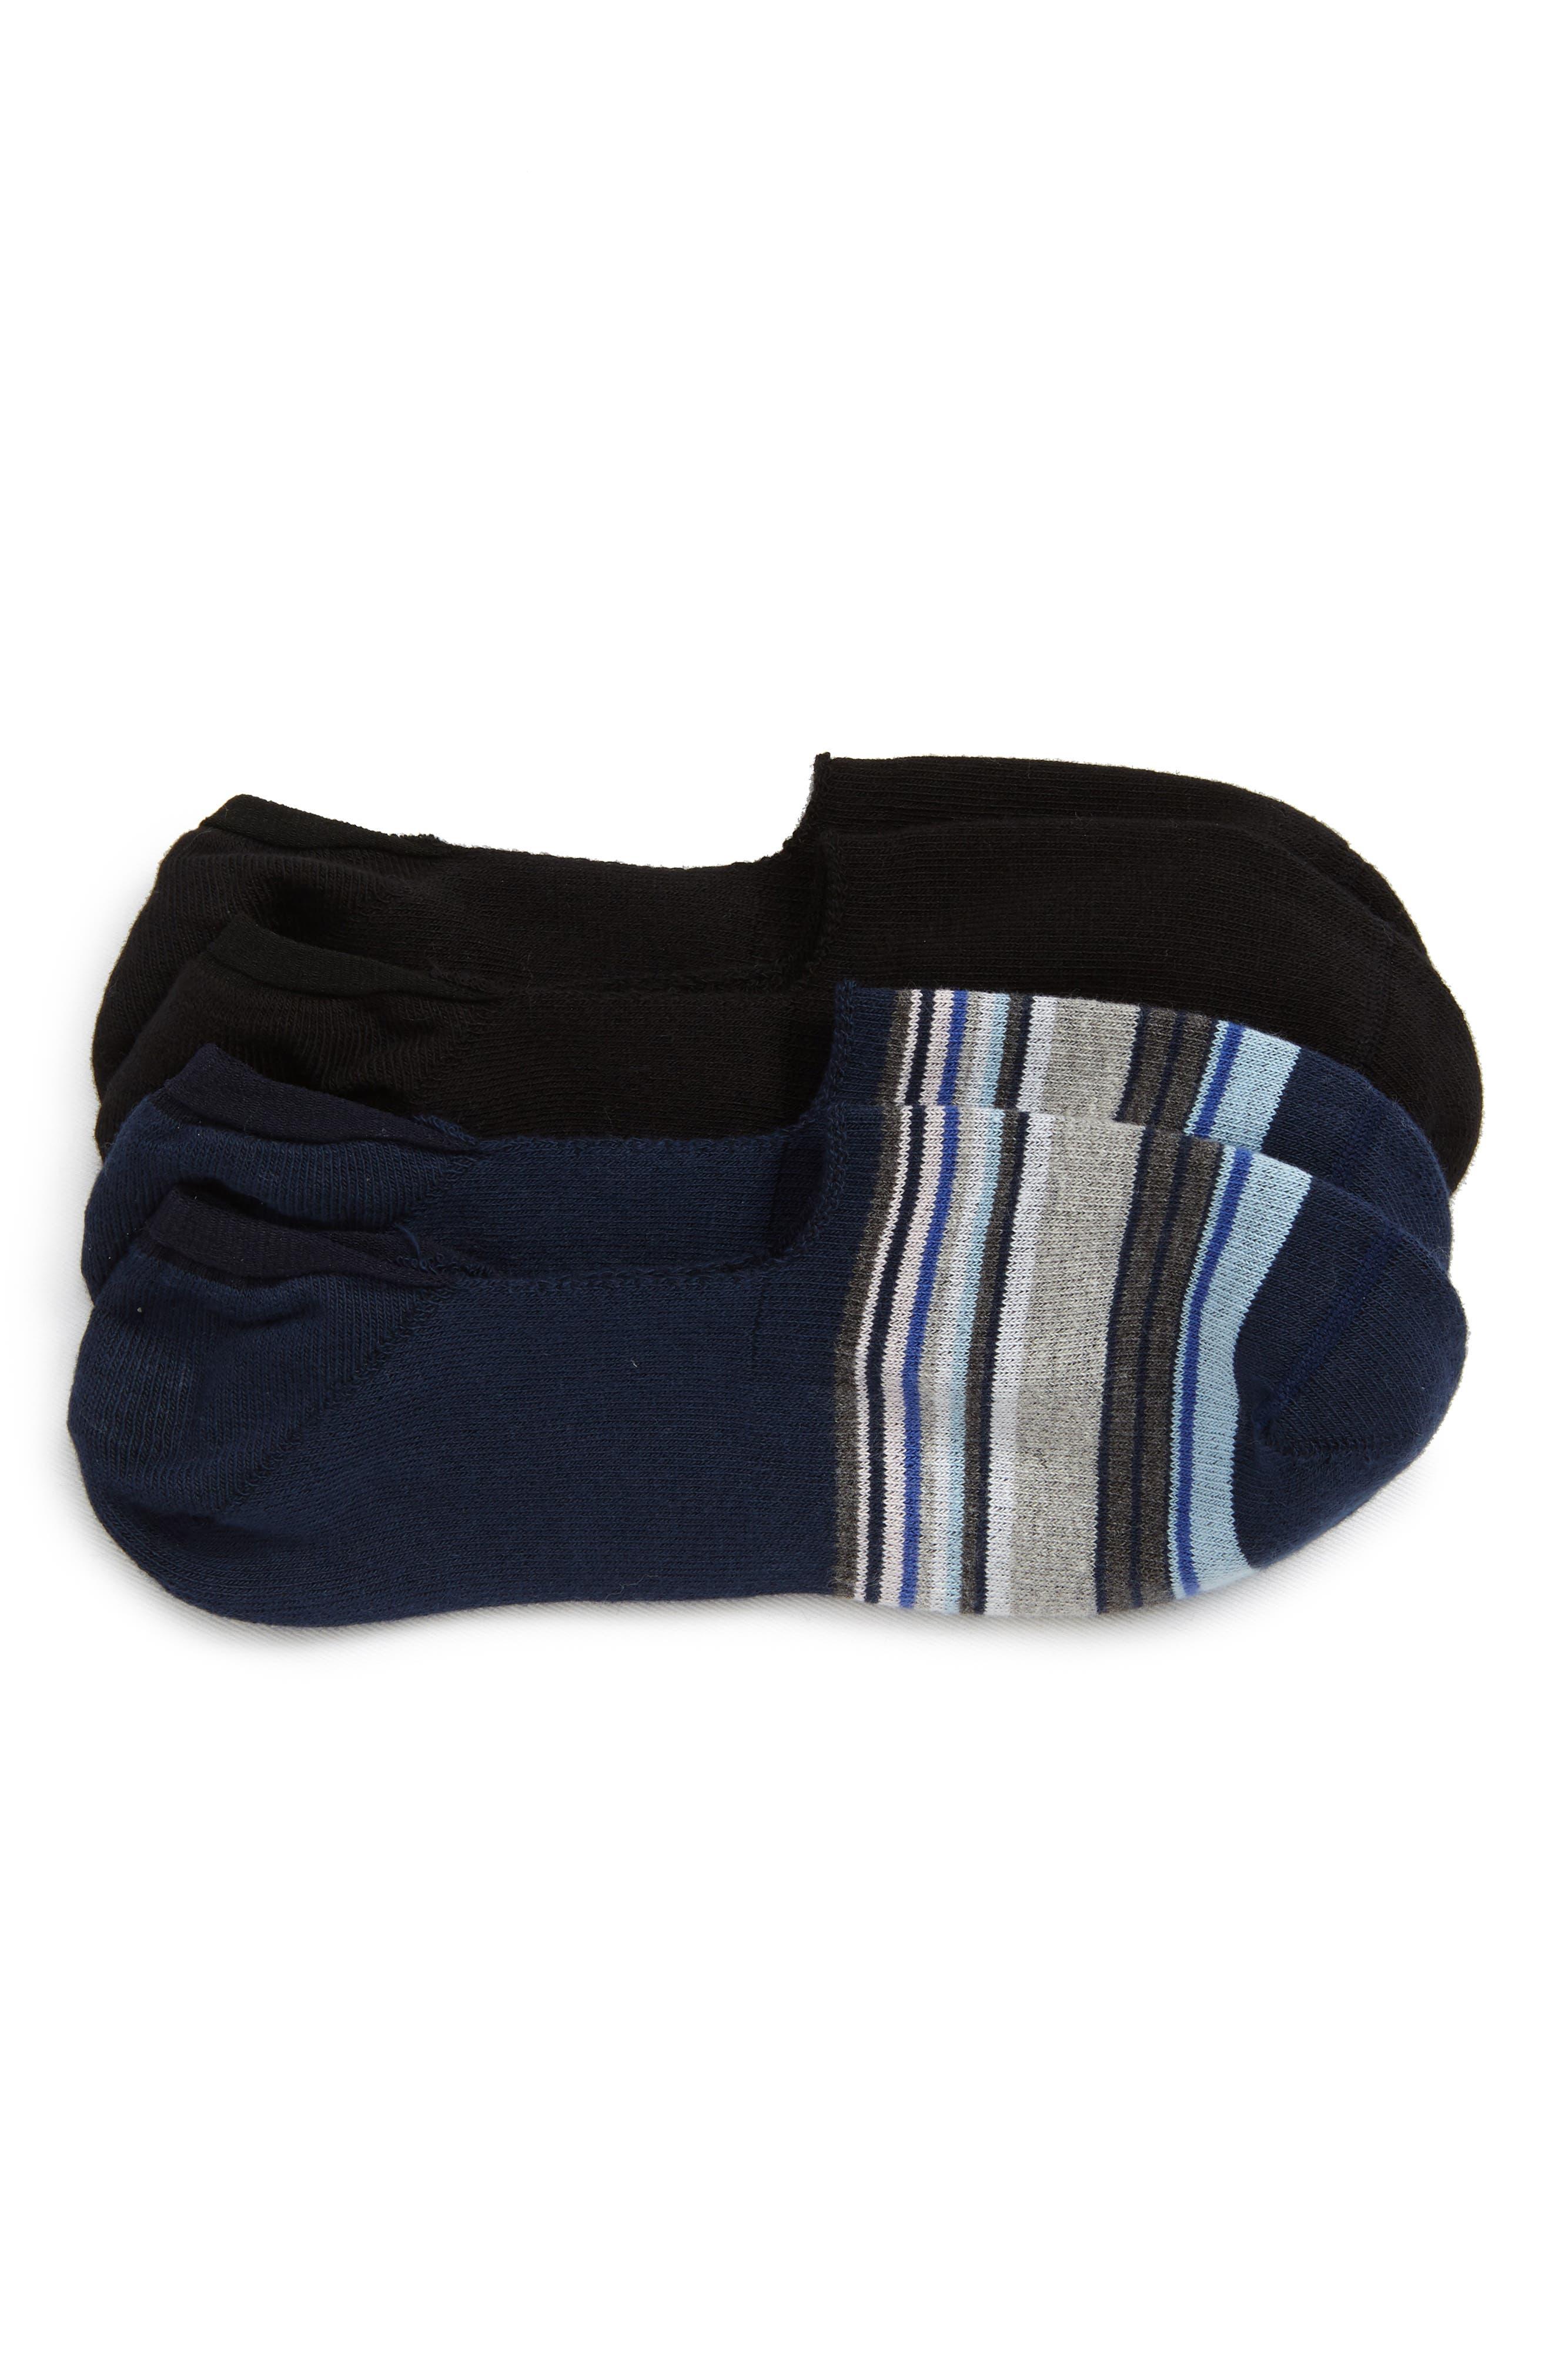 2-Pack Liner Socks, Main, color, NAVY/ BLACK